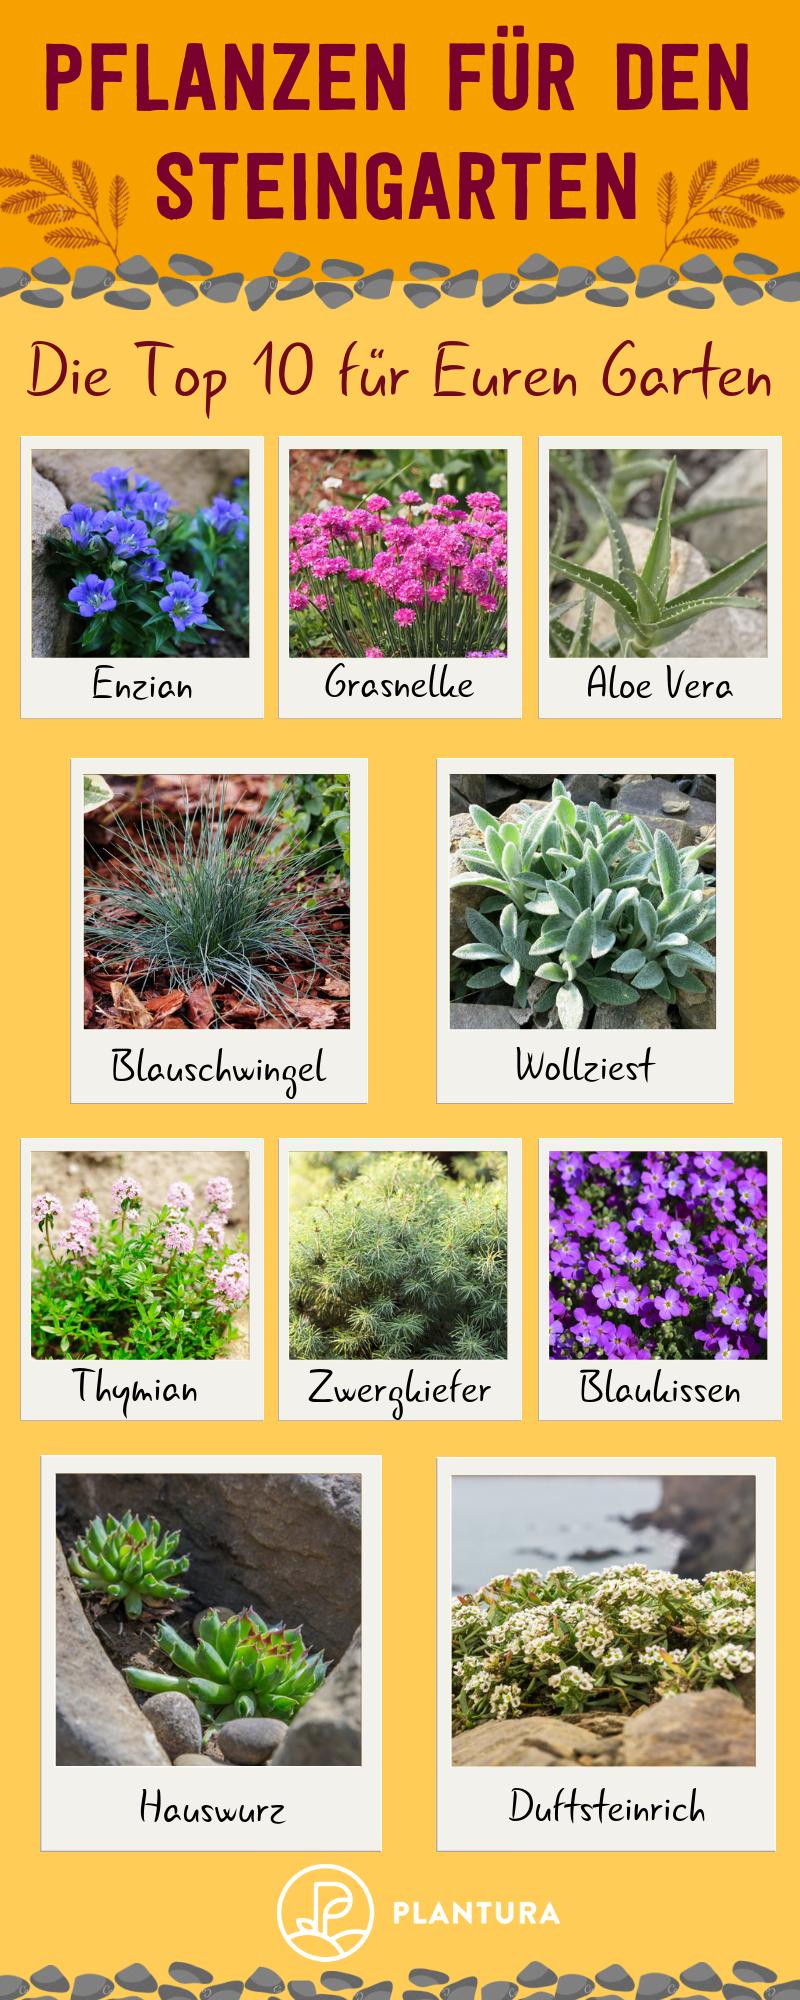 Photo of Las 10 plantas más bellas para el jardín de rocas – Plantura